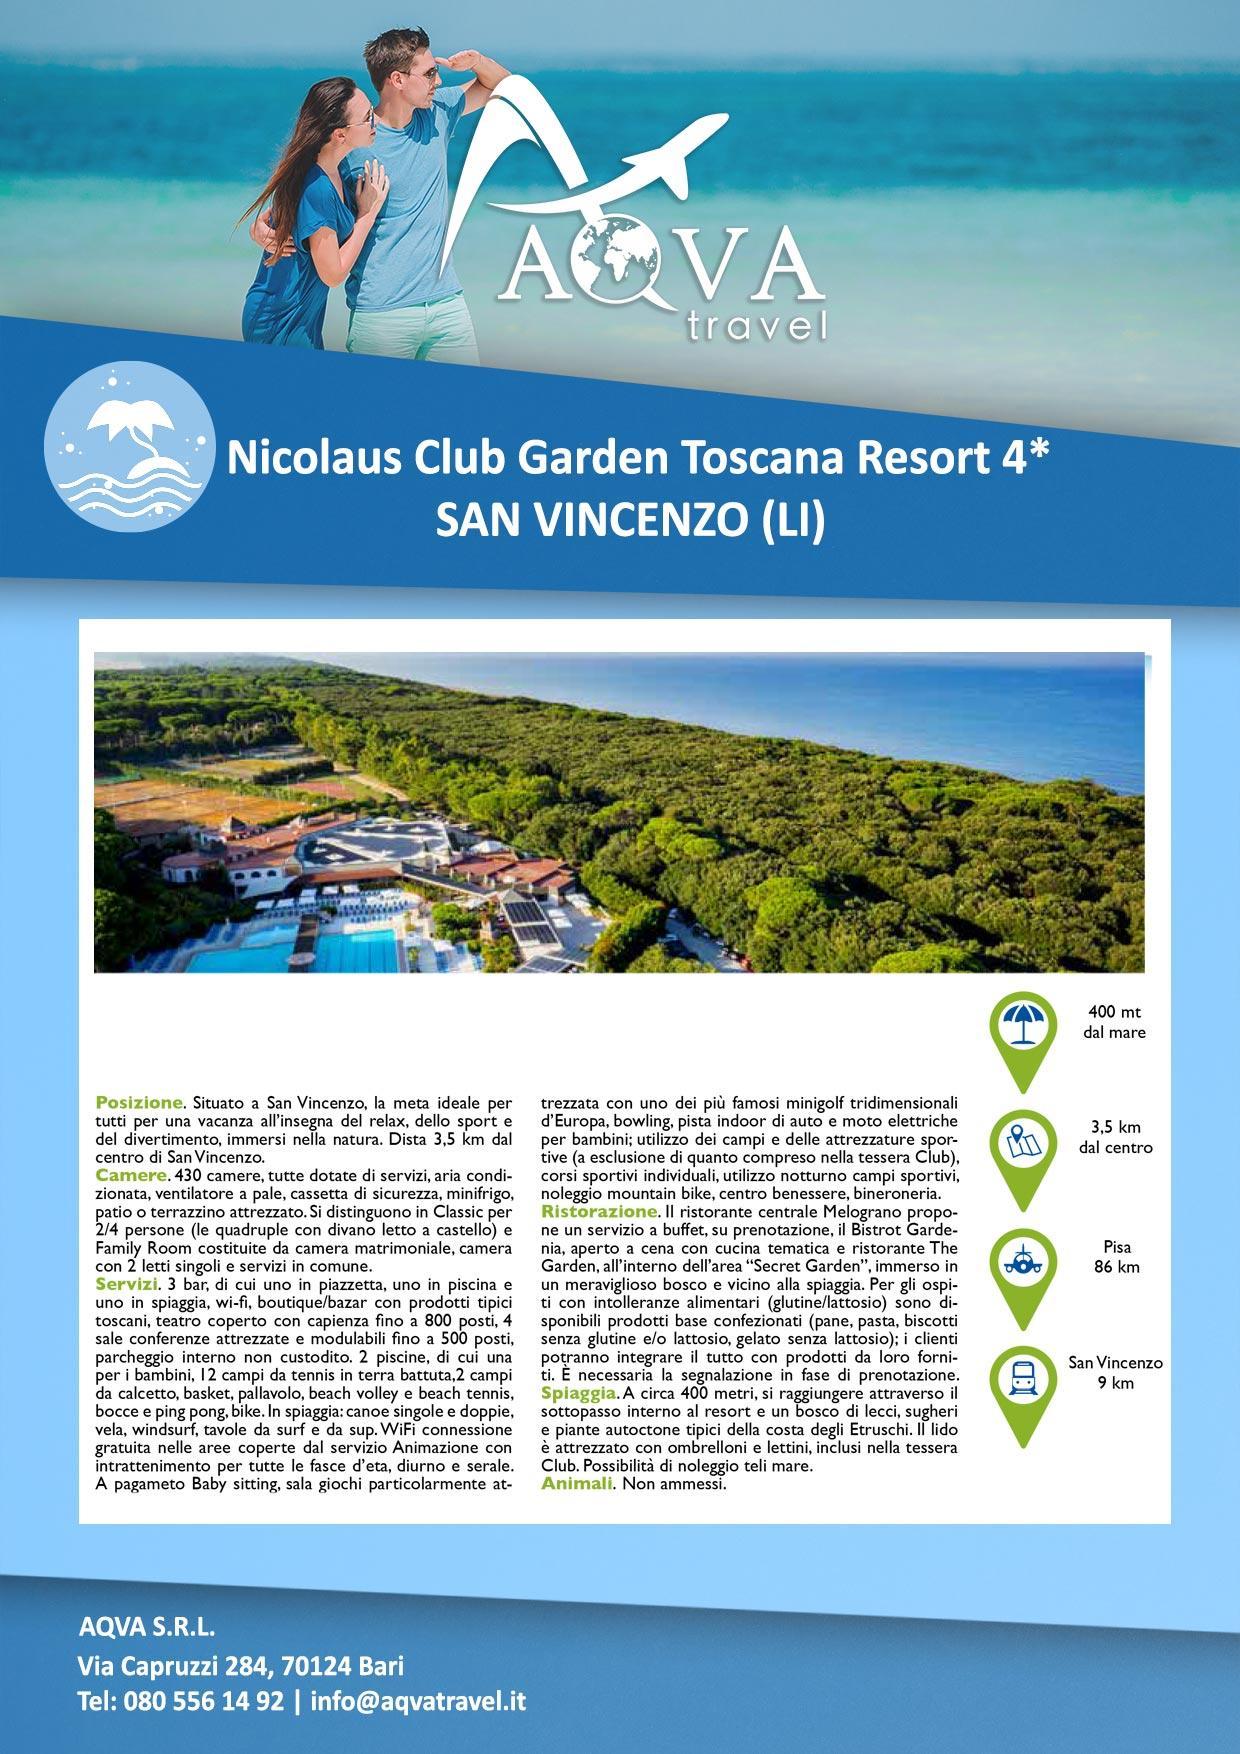 Nicolaus-Club-Garden-Toscana-Resort-4-Mare-offerte-agenzia-di-viaggi-Bari-AQVATRAVEL-it